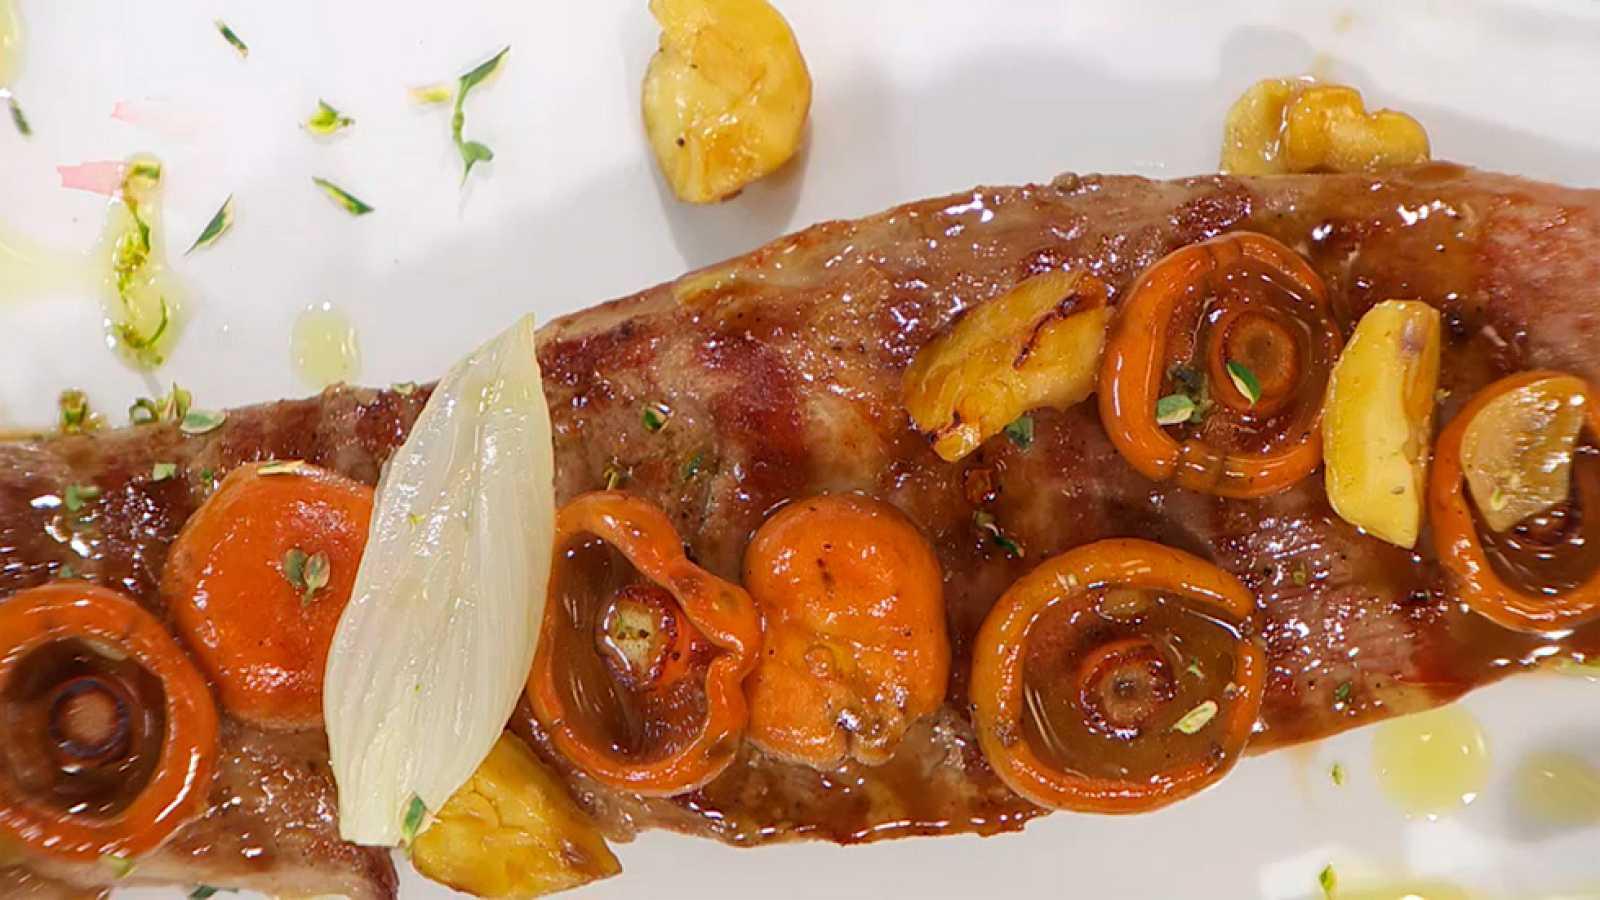 Torres En La Cocina Receta De Solomillo De Cerdo Con Hongos Y Castañas